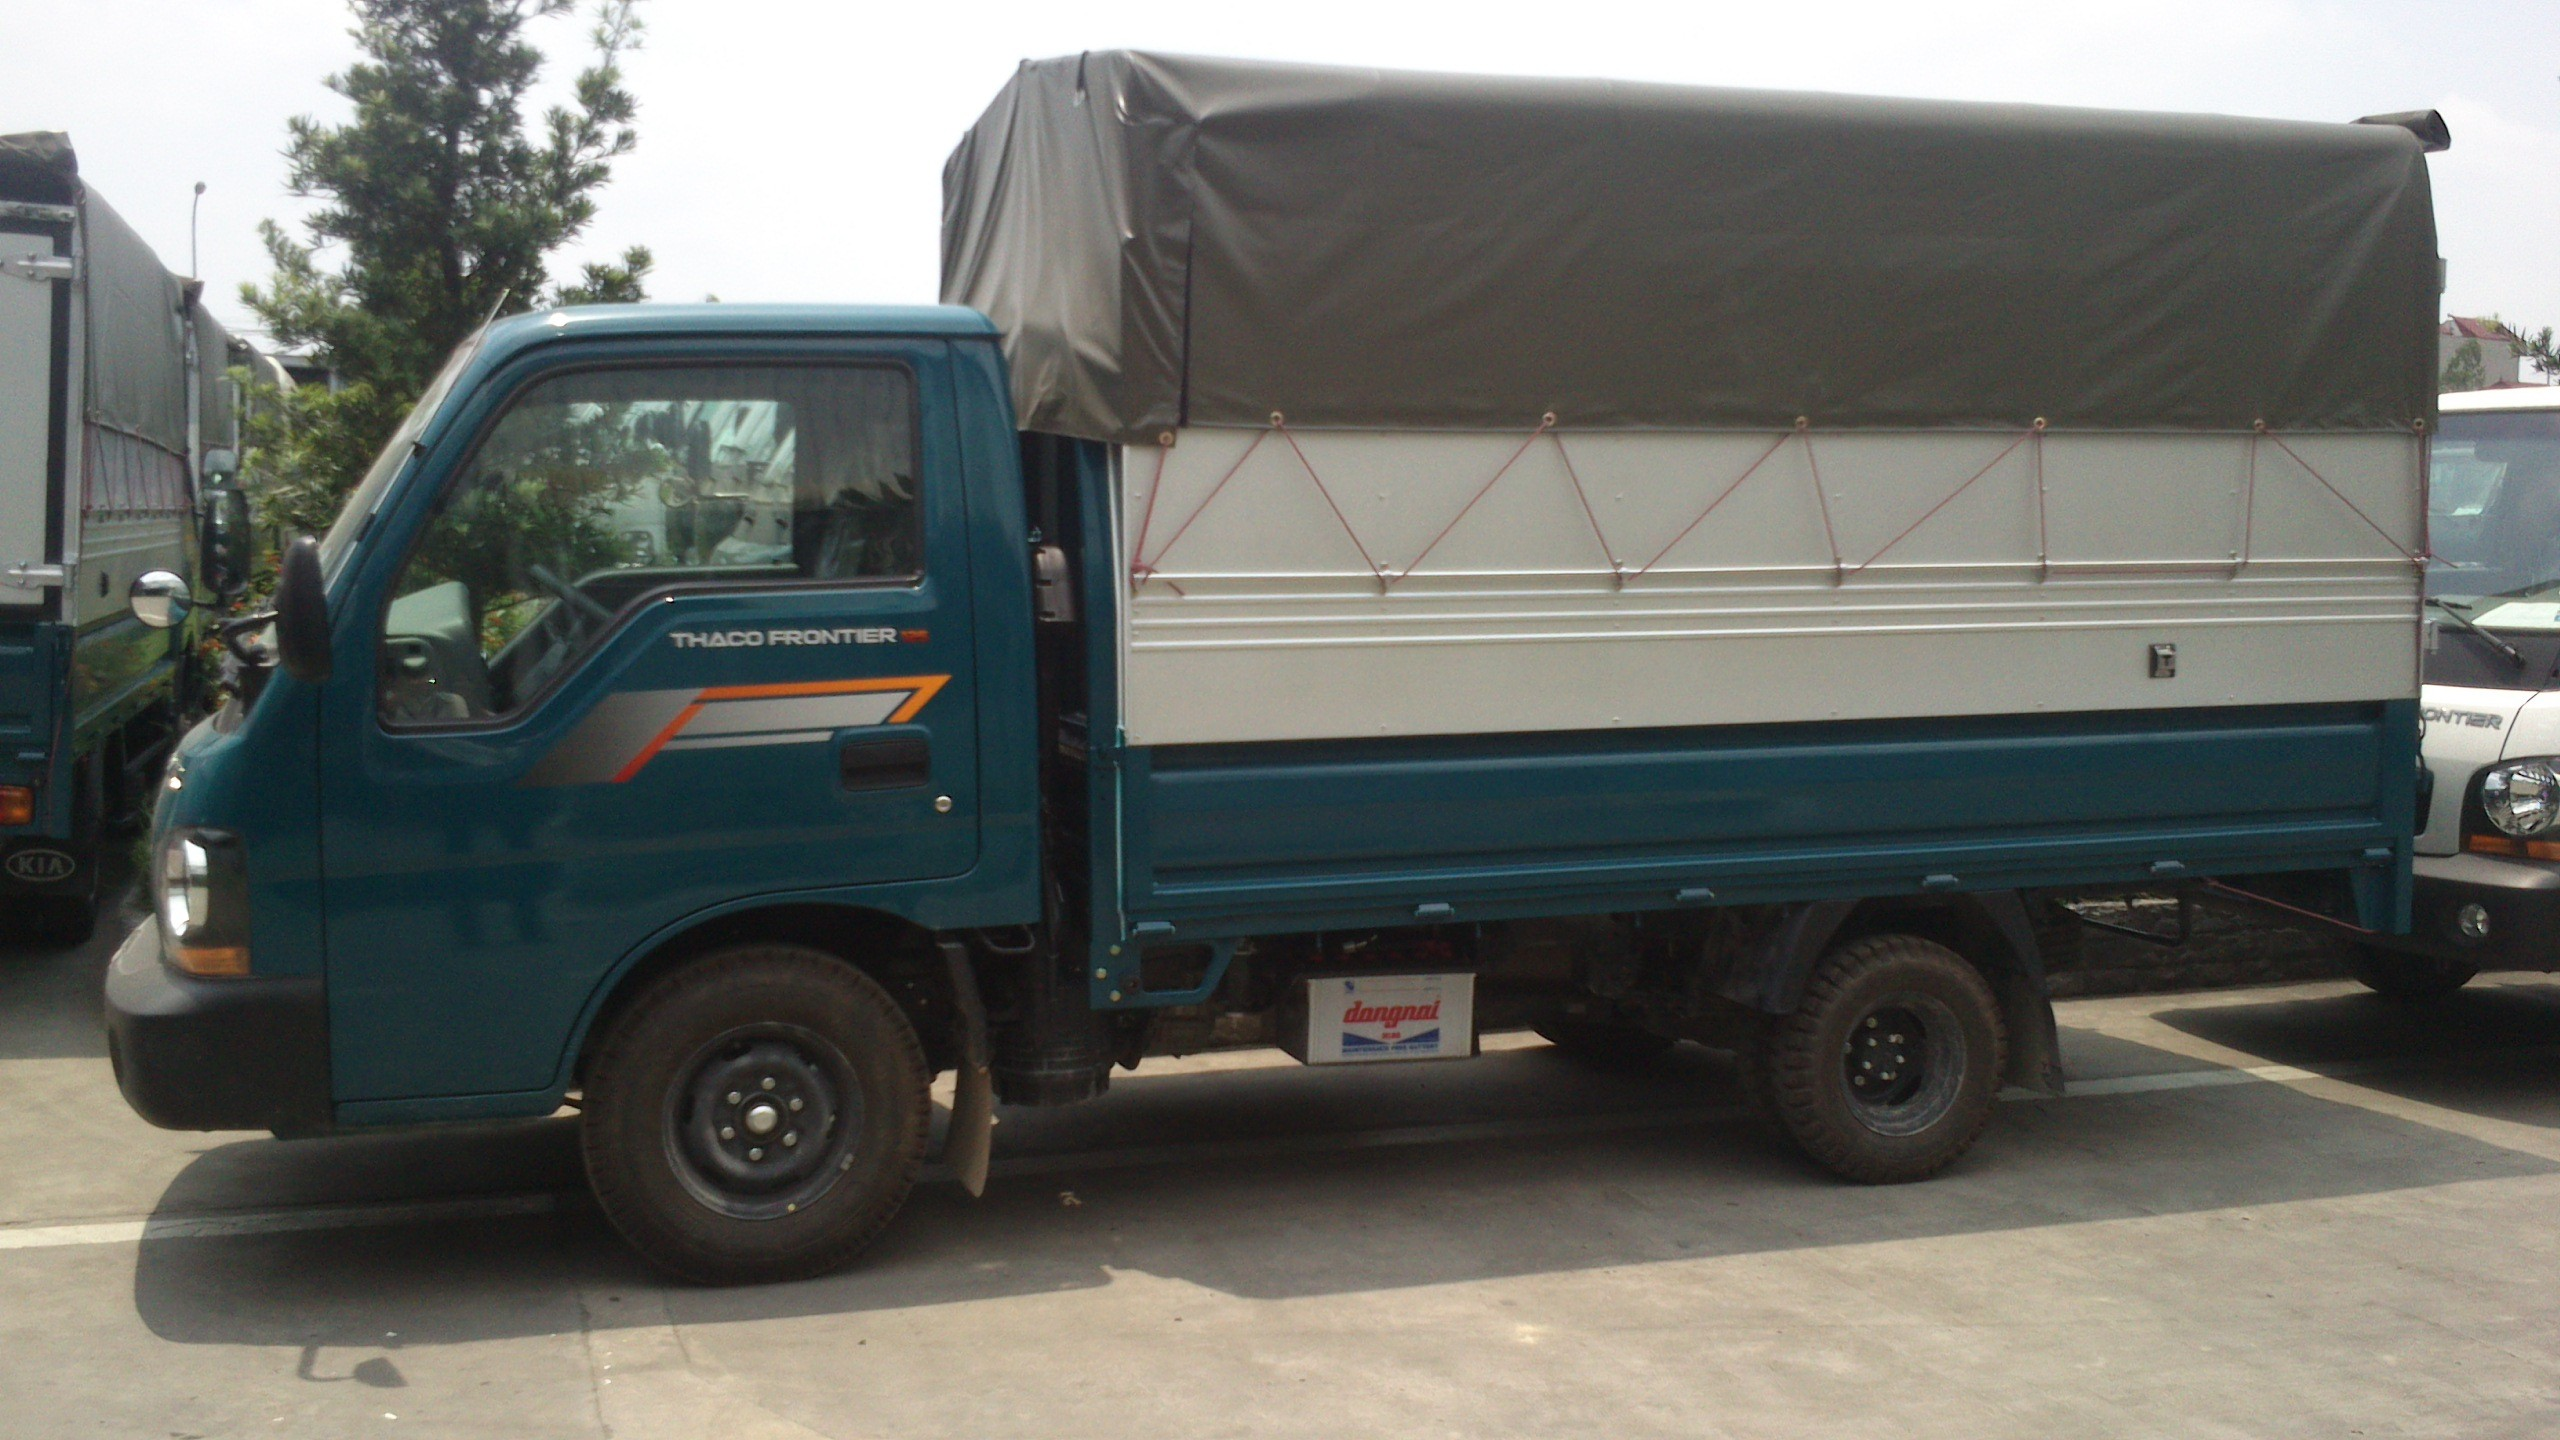 Cho thuê xe tải chở hàng giá rẻ và uy tín tại TPHCM